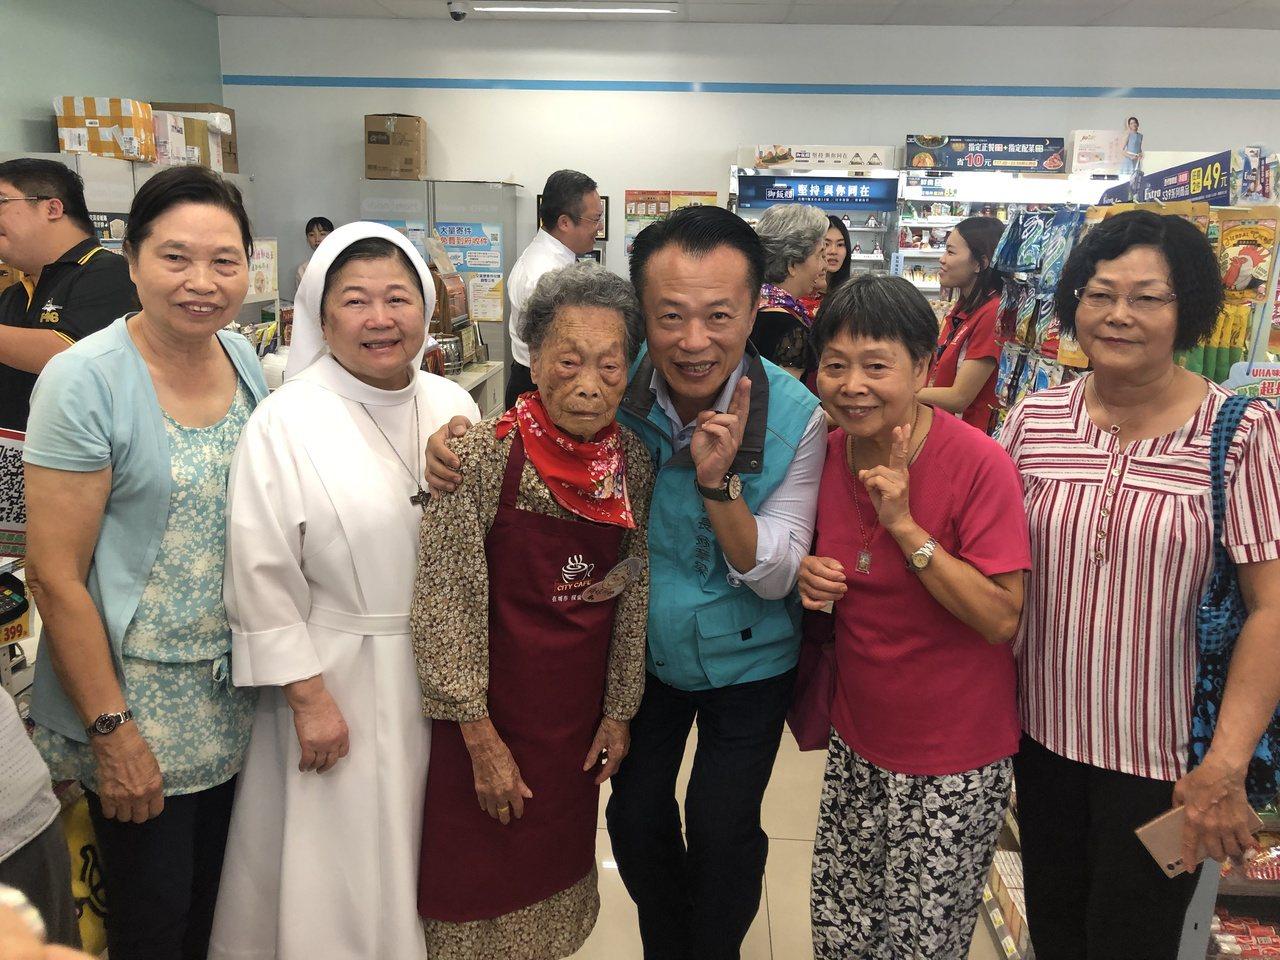 務農退休人瑞梅珠阿嬤(左三)由3名女兒陪同到「幾點了咖啡館」水上鄉北雄門市實習,...